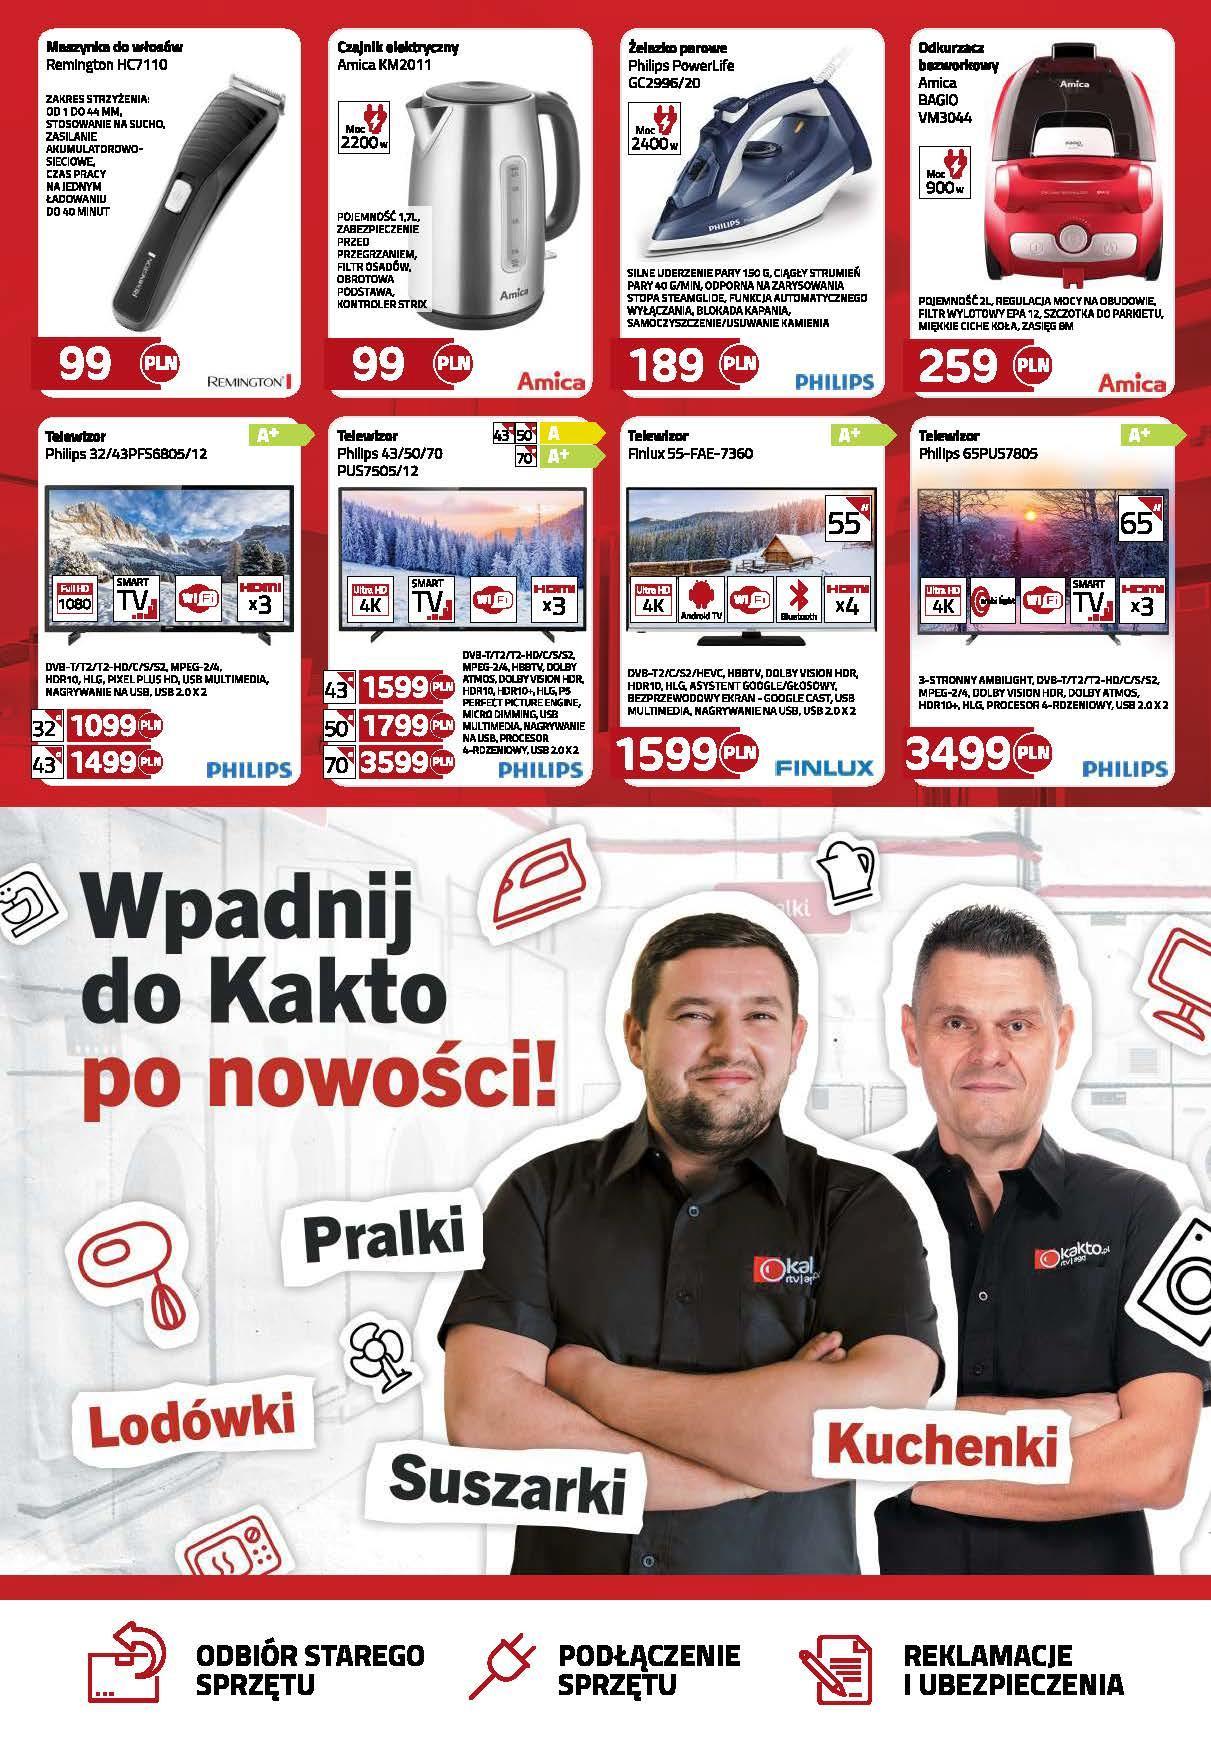 Gazetka promocyjna Kakto.pl do 28/02/2021 str.2